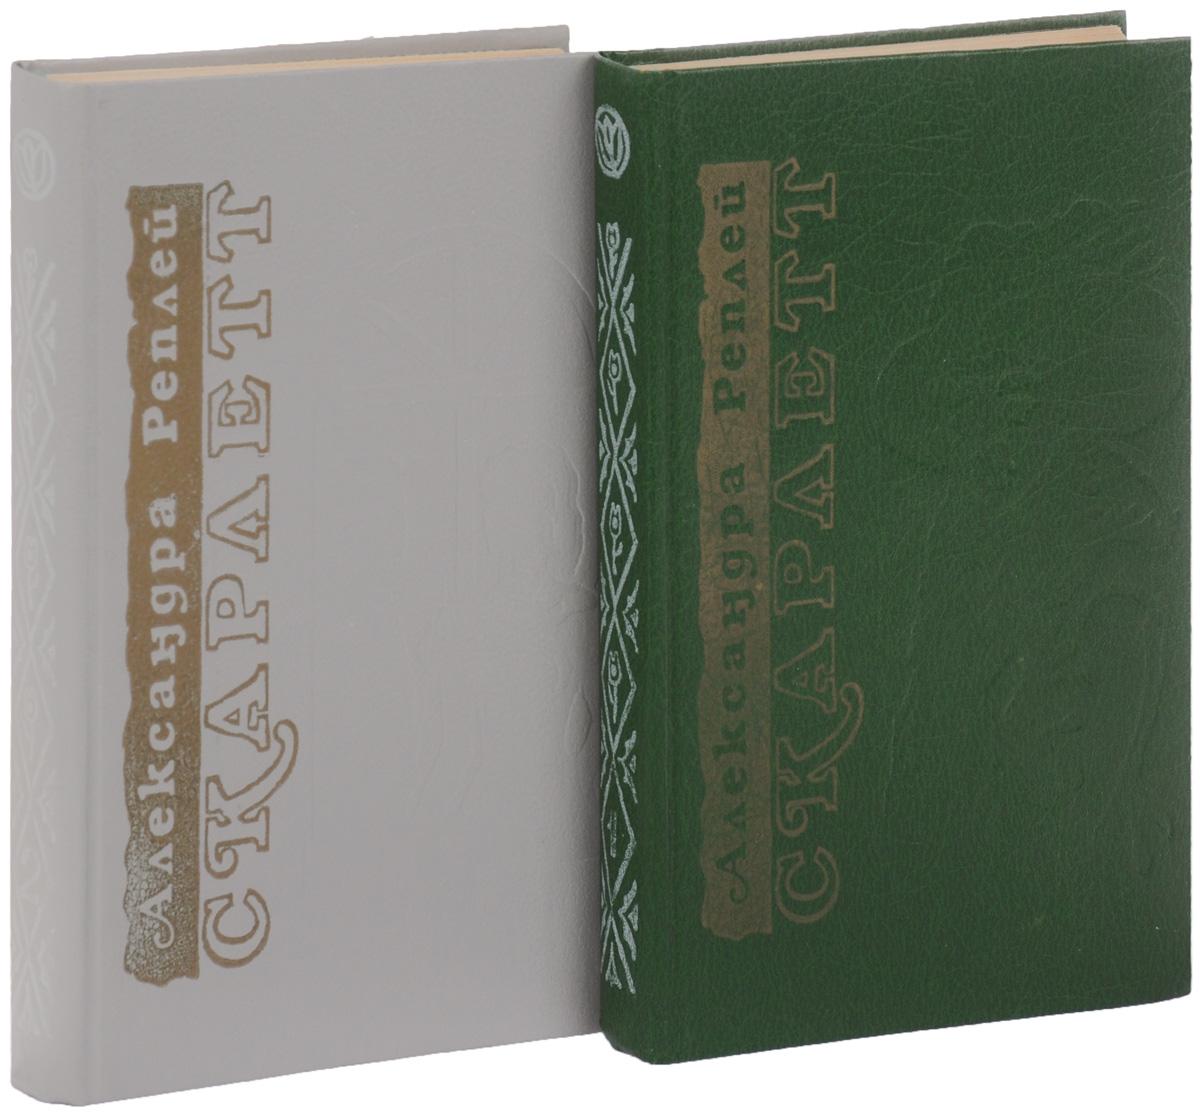 Скарлетт. В 2 томах (комплект из 2 книг)